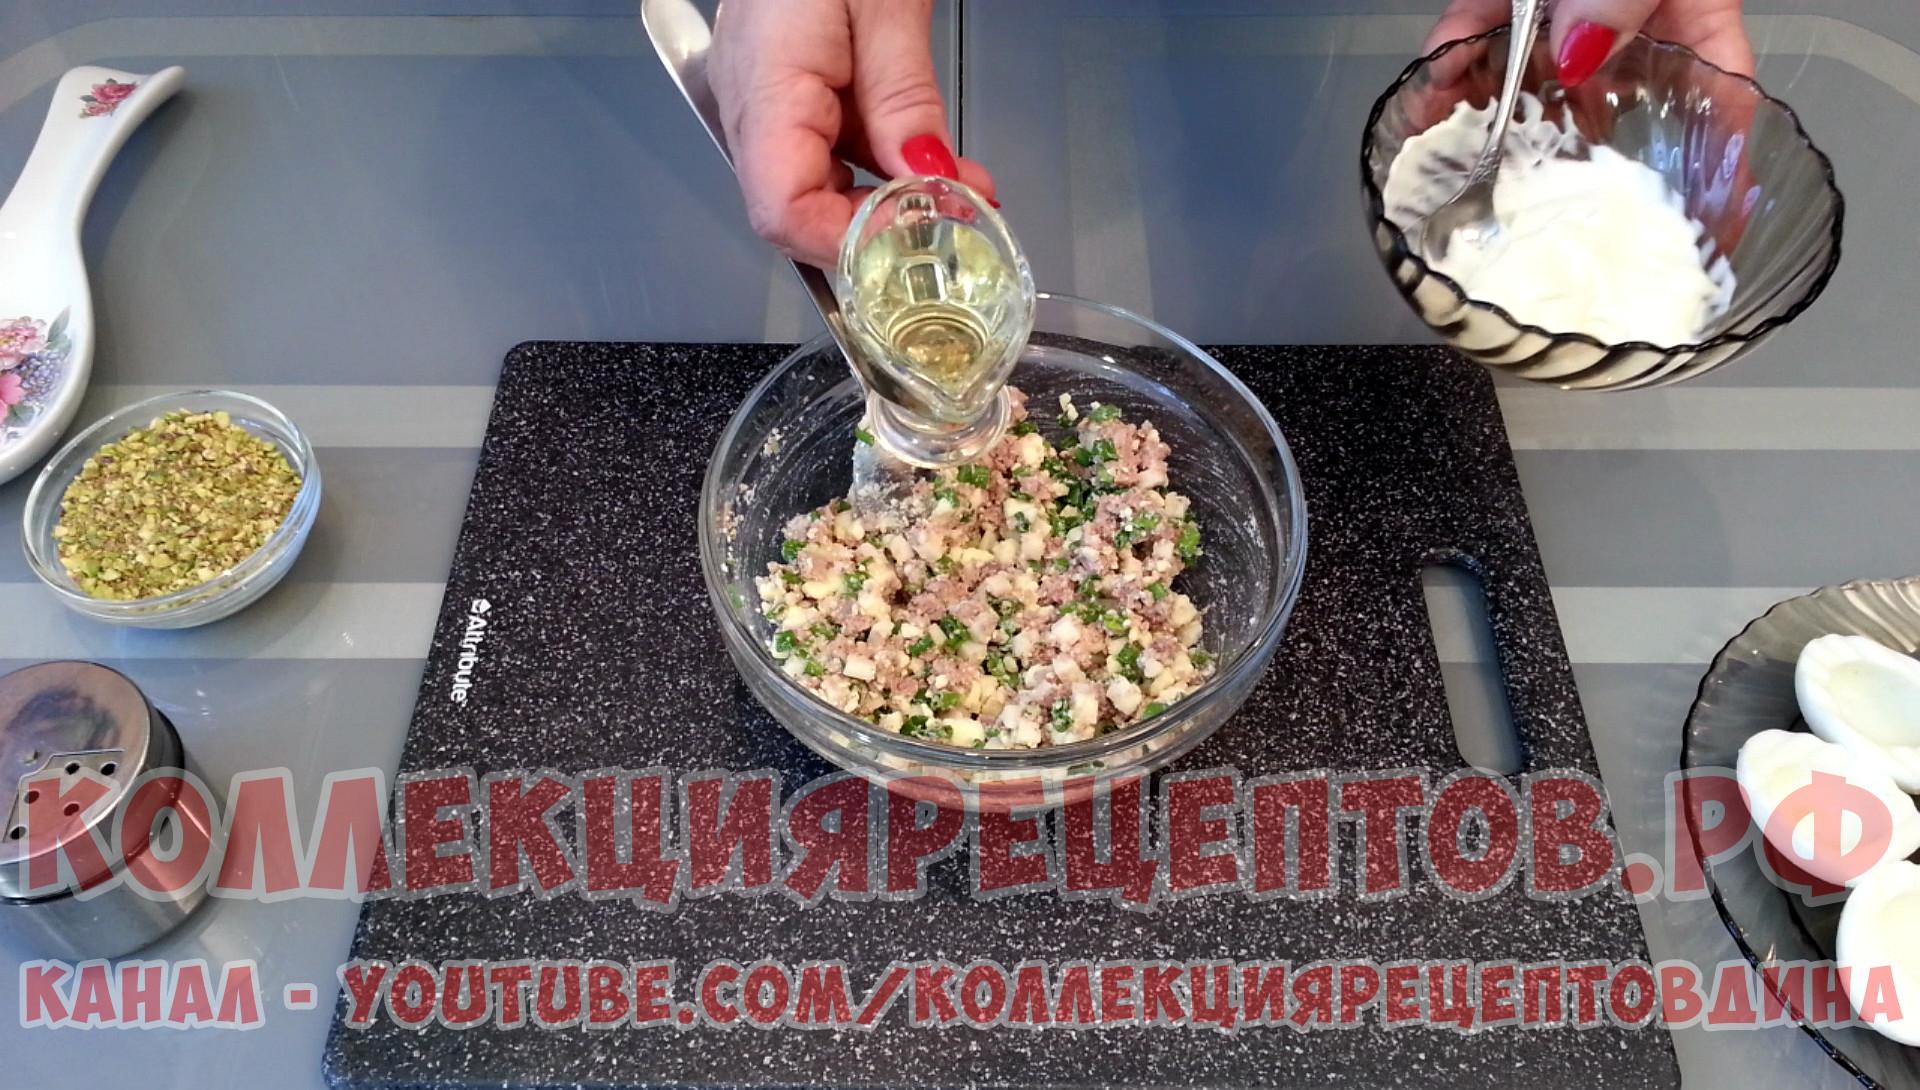 Заправить этот салат можно майонезом или маслом, слитым с печени трески